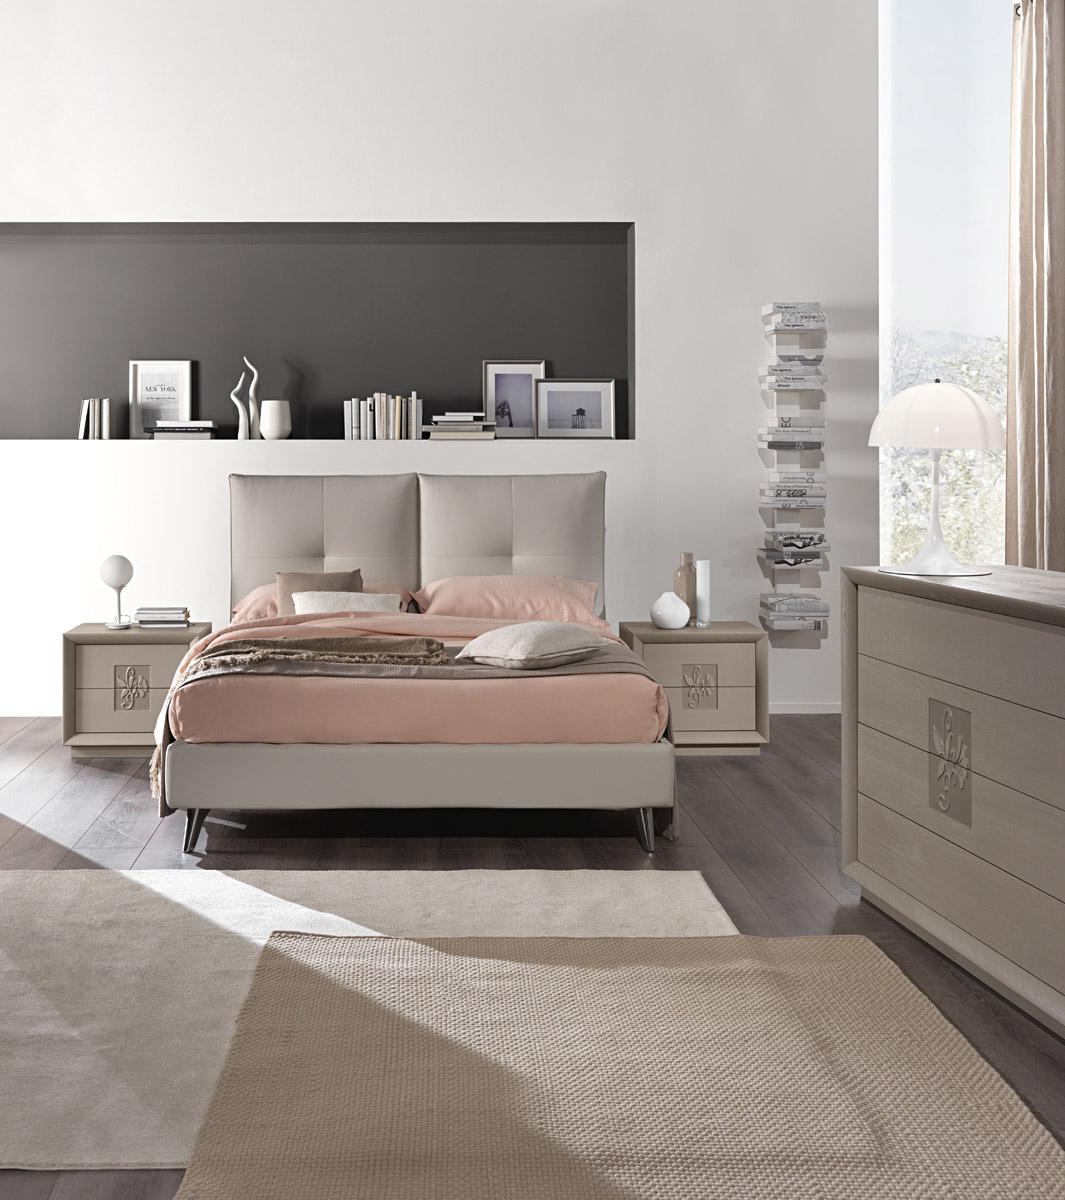 Letto moderllo Kira - caldo color tortora, un letto ...